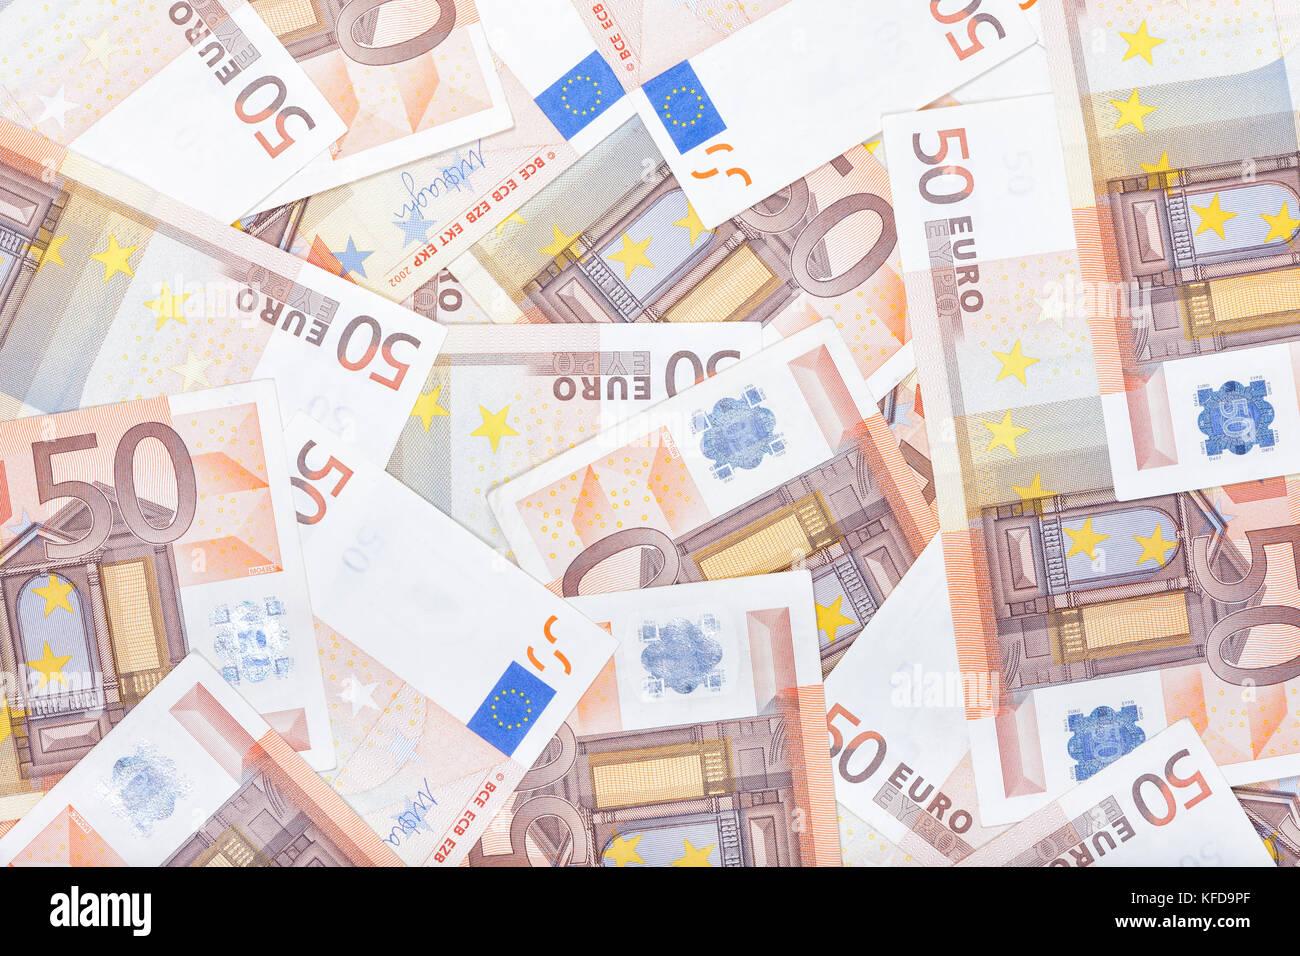 Money texture  Euros Stock Photo: 164406215 - Alamy